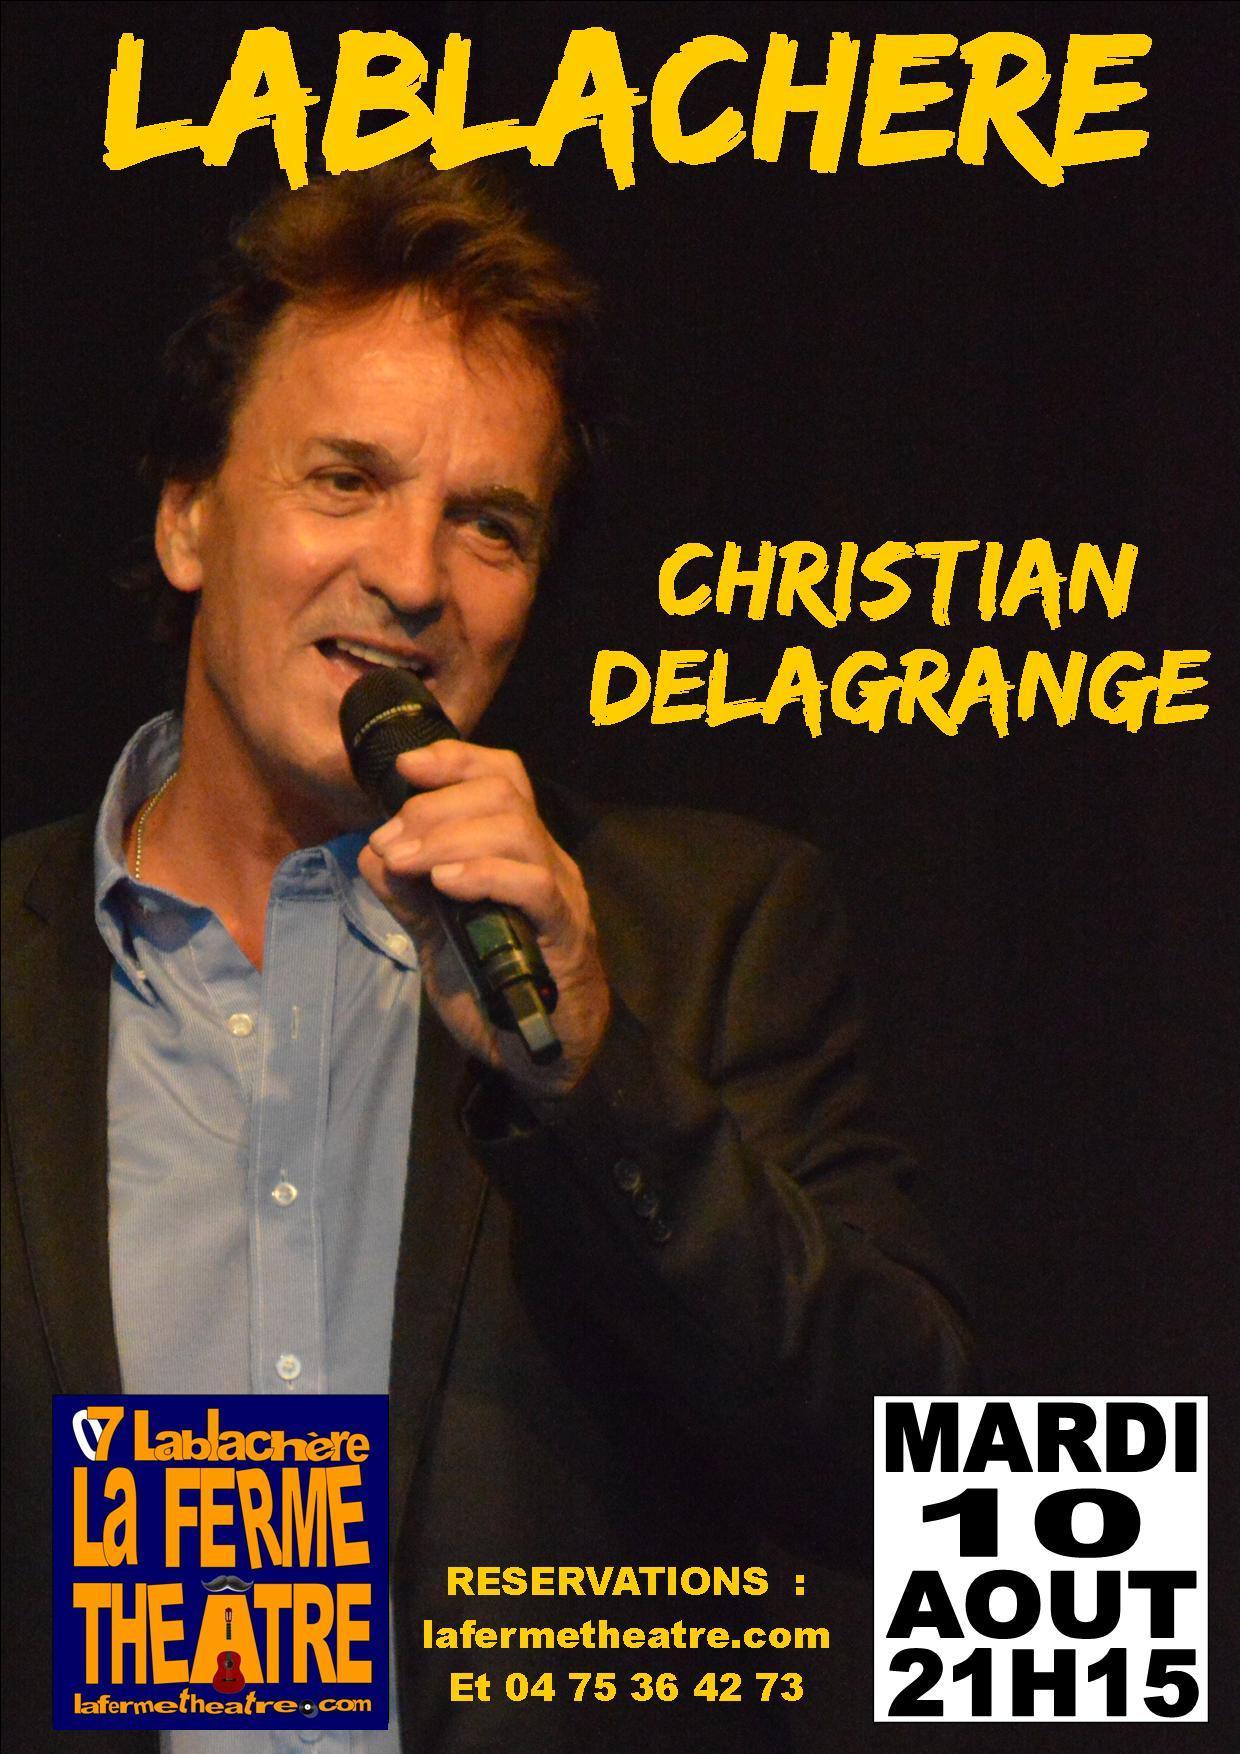 Christian delagrange en concert a lablachere ardeche 10 08 2021